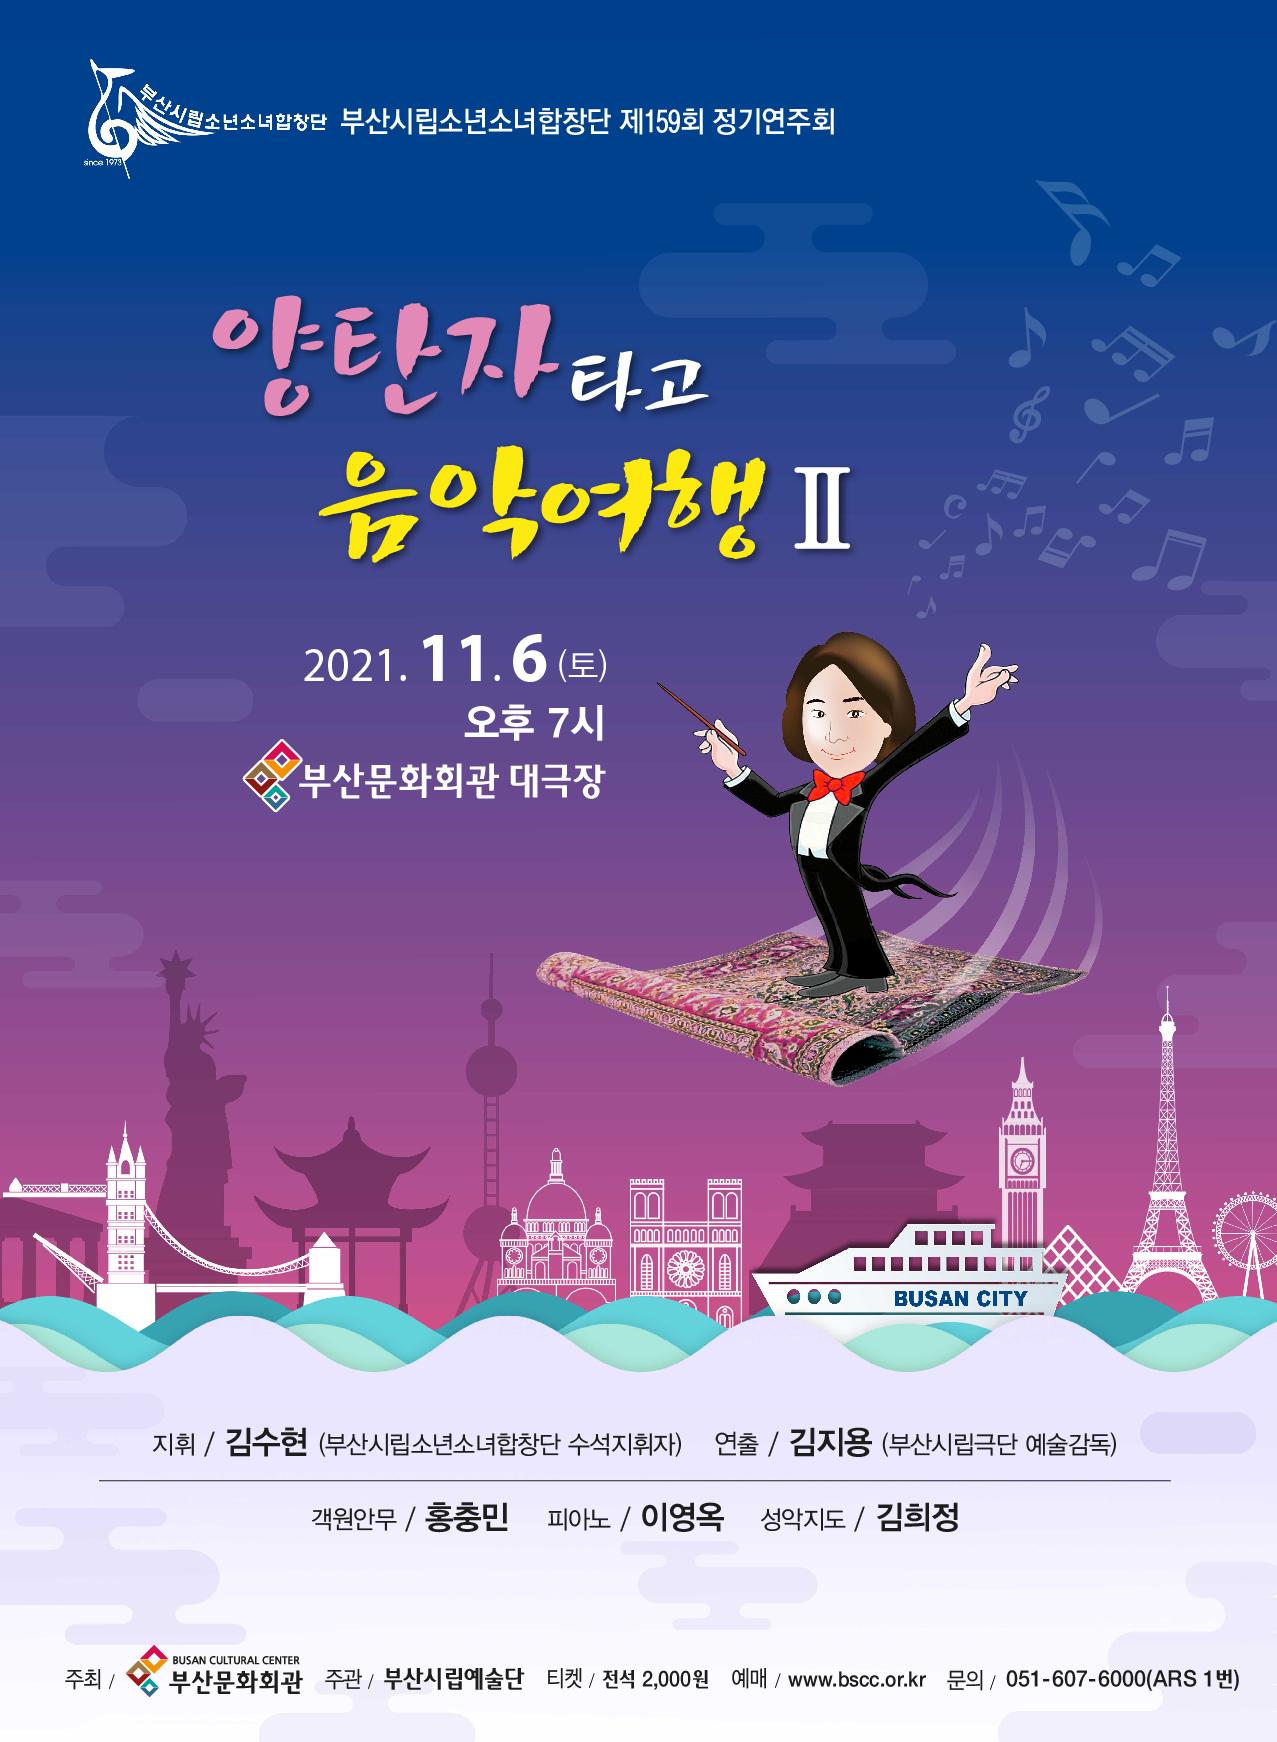 부산시립소년소녀합창단 '제159회  정기연주회-양탄자타고 음악여행 Ⅱ'